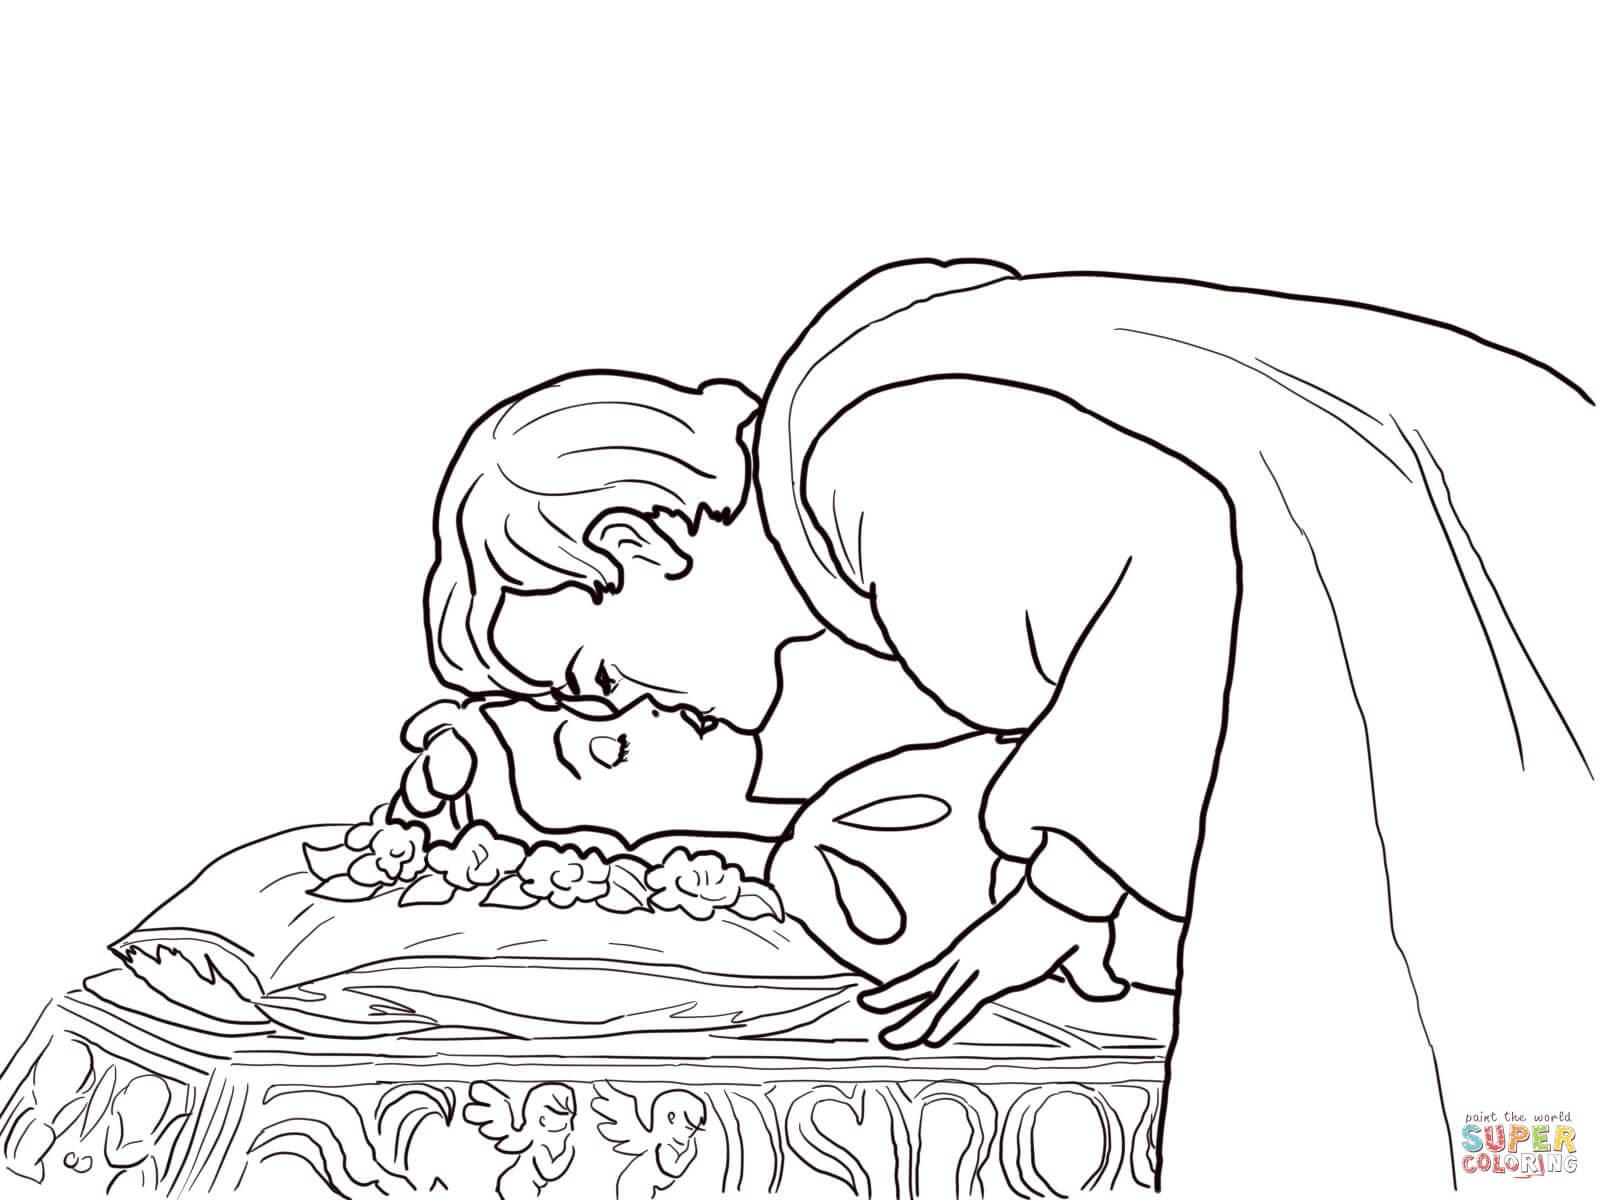 Klick das Bild Der Prinz küsst Schneewittchen